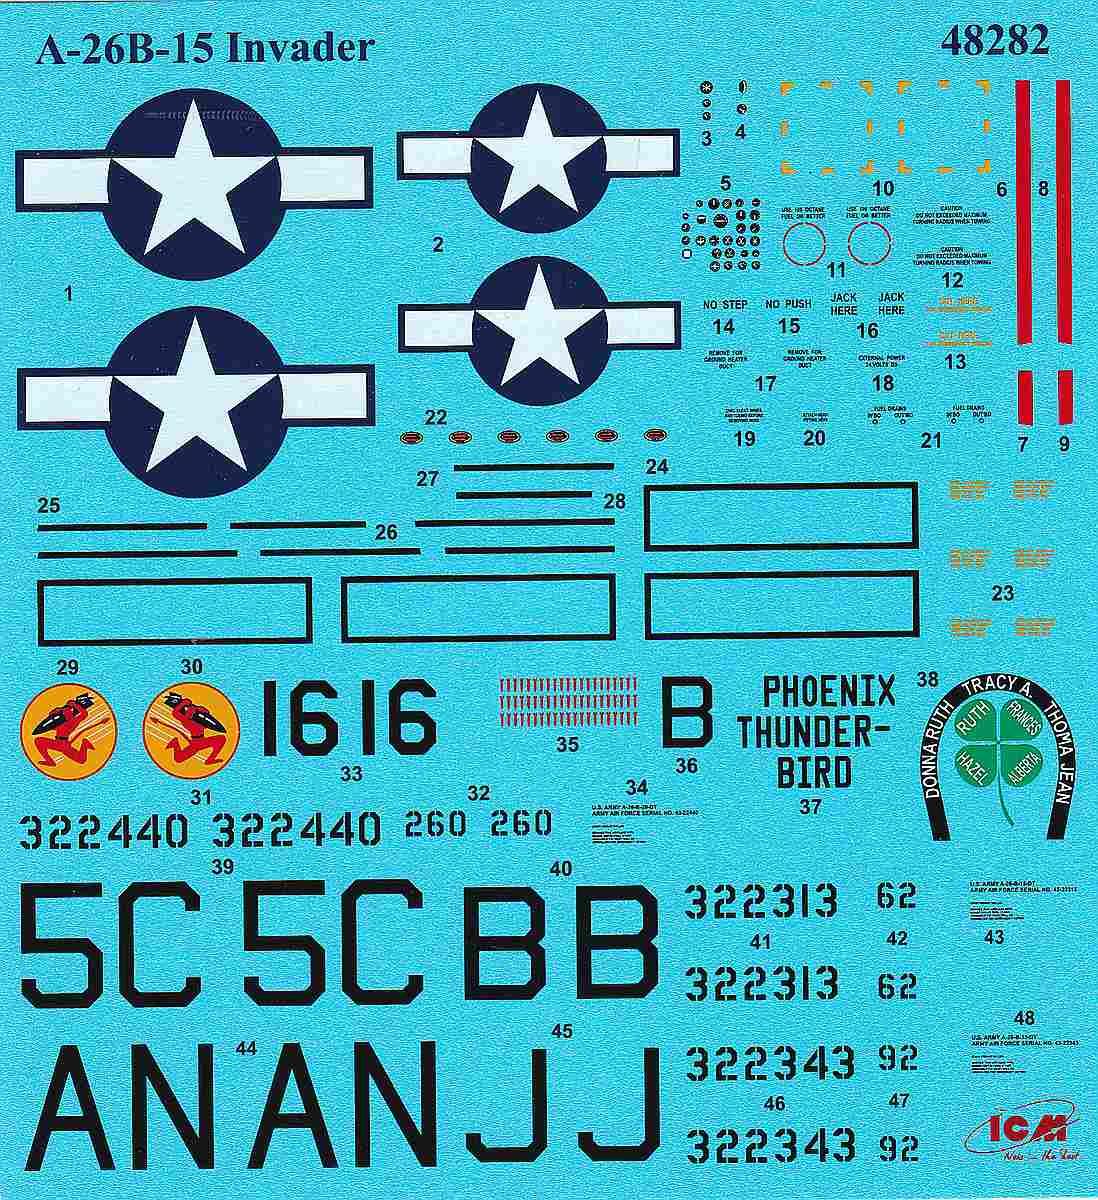 ICM-48282-A-26B-15-Invader-7 A-26B-15 Invader in 1:48 von ICM #48282